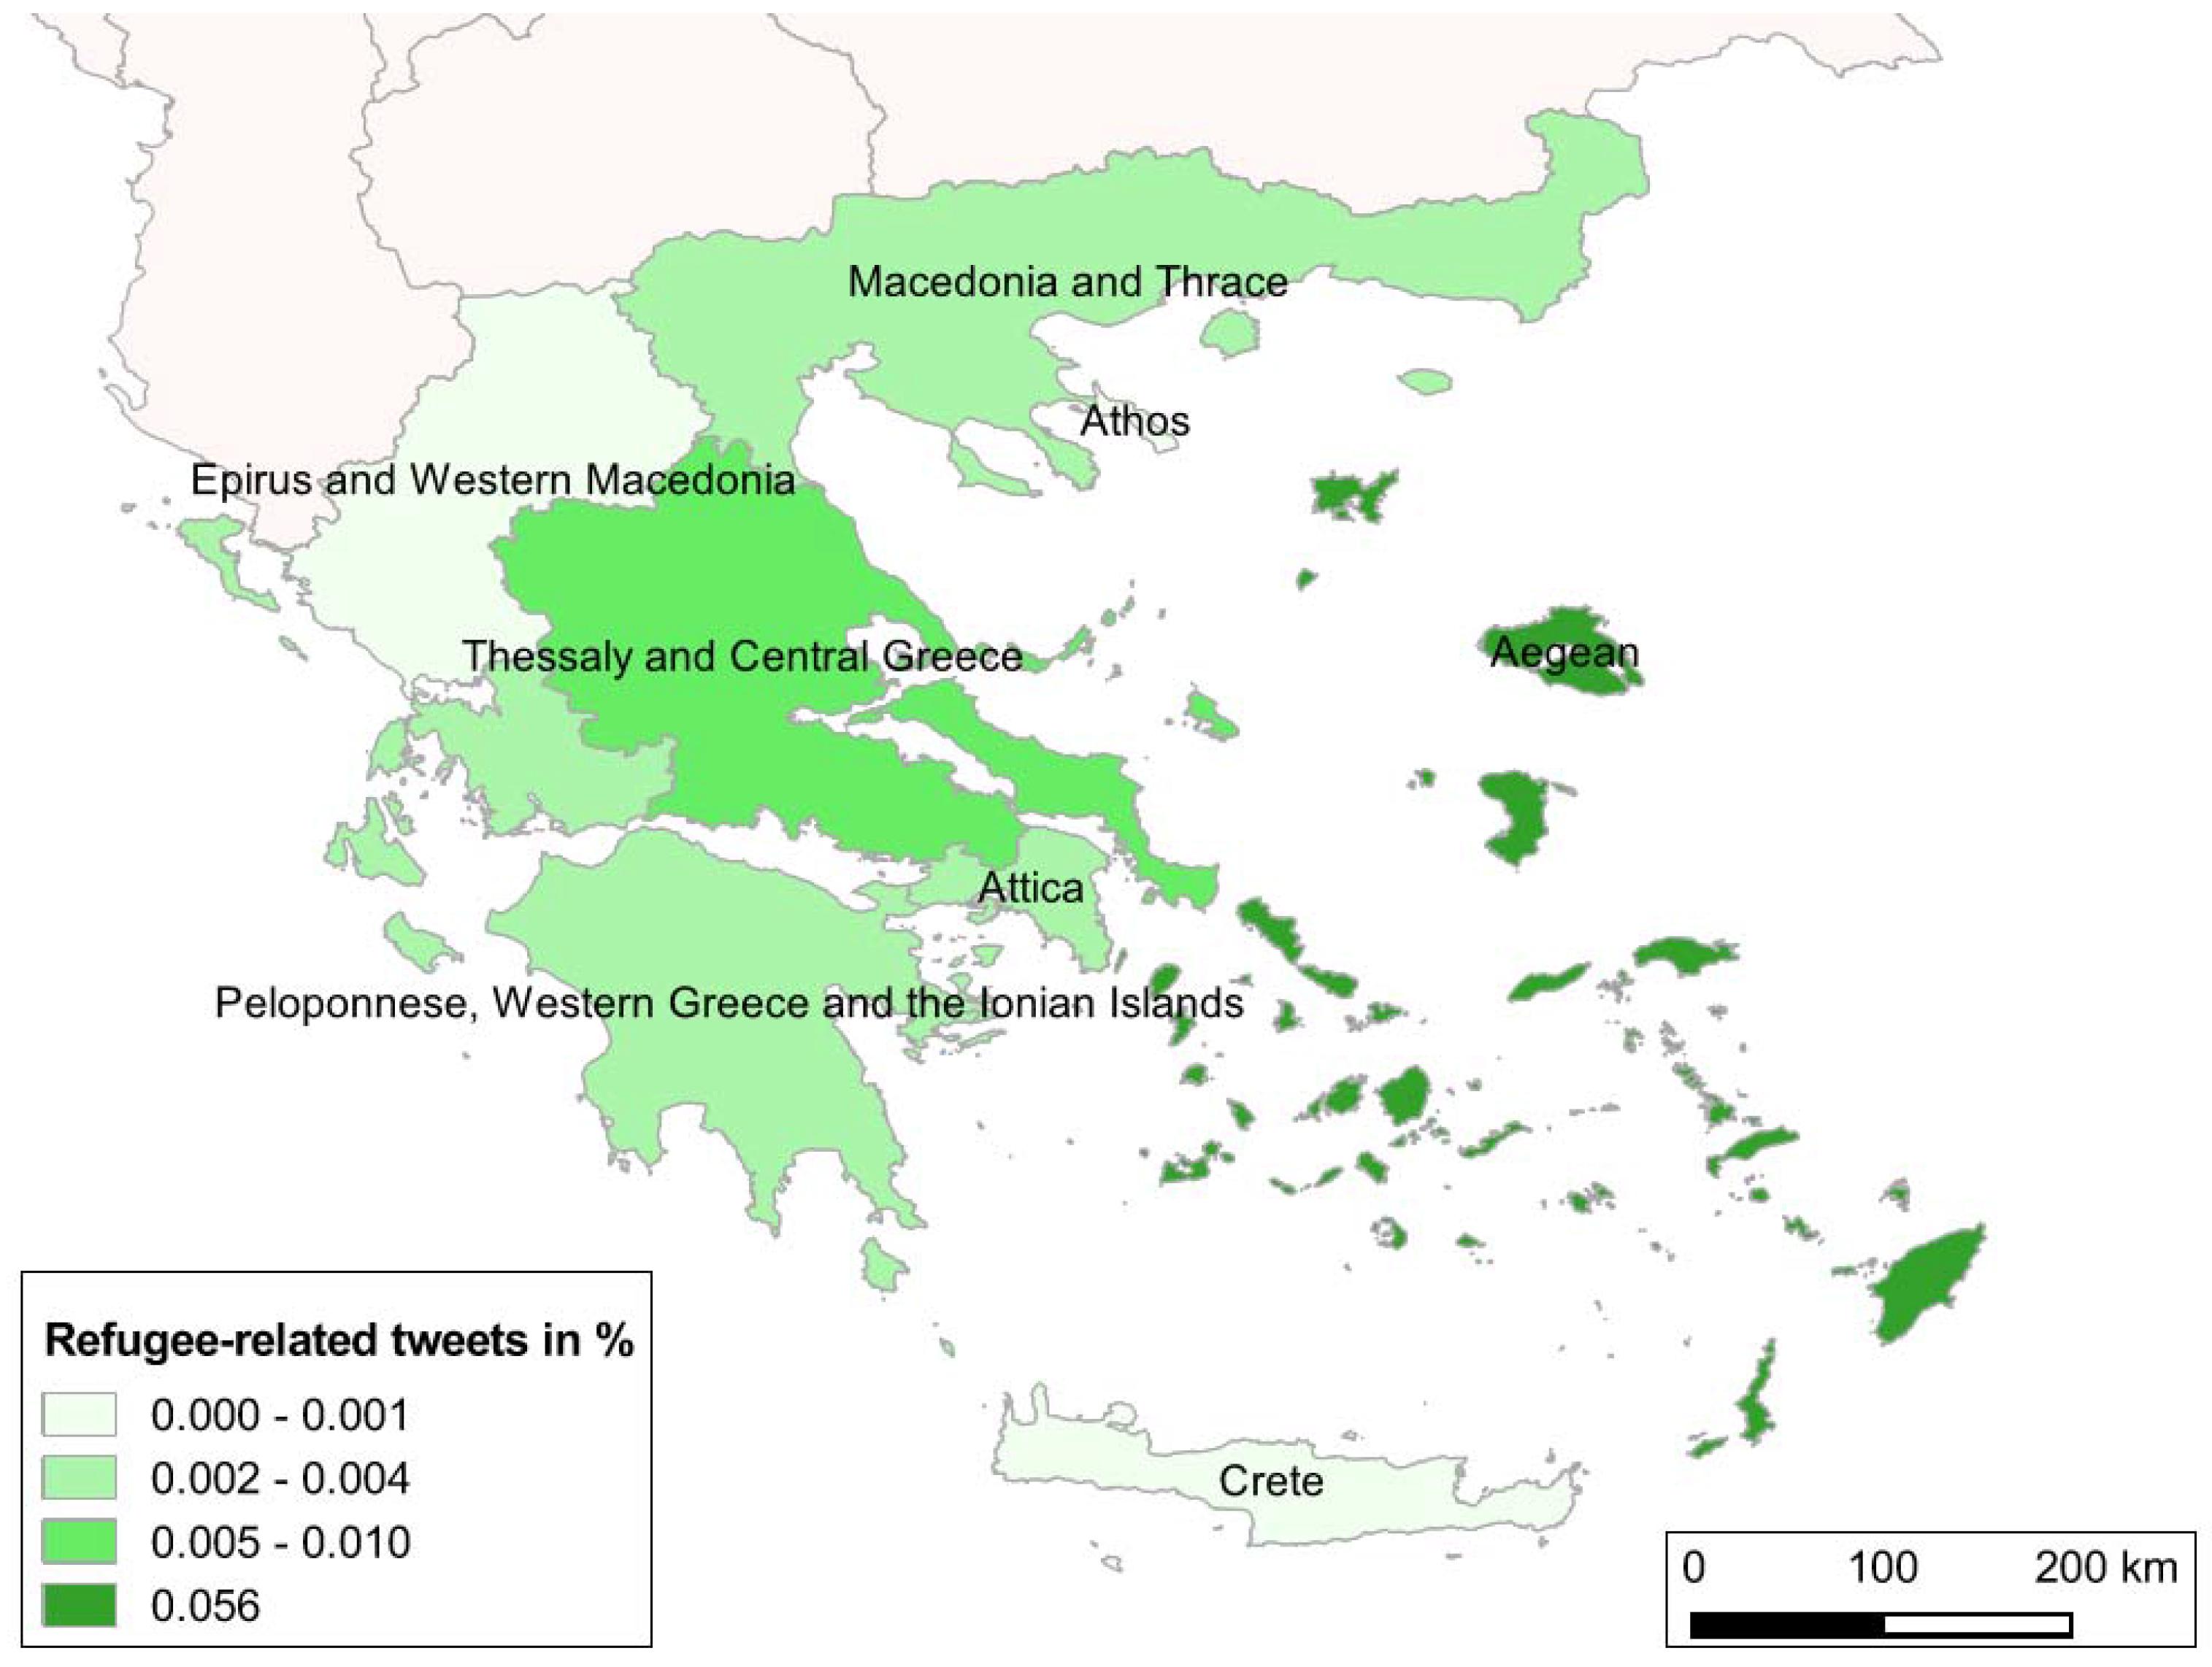 Ijgi free full text analyzing refugee migration patterns using ijgi 06 00302 g015 fandeluxe Choice Image